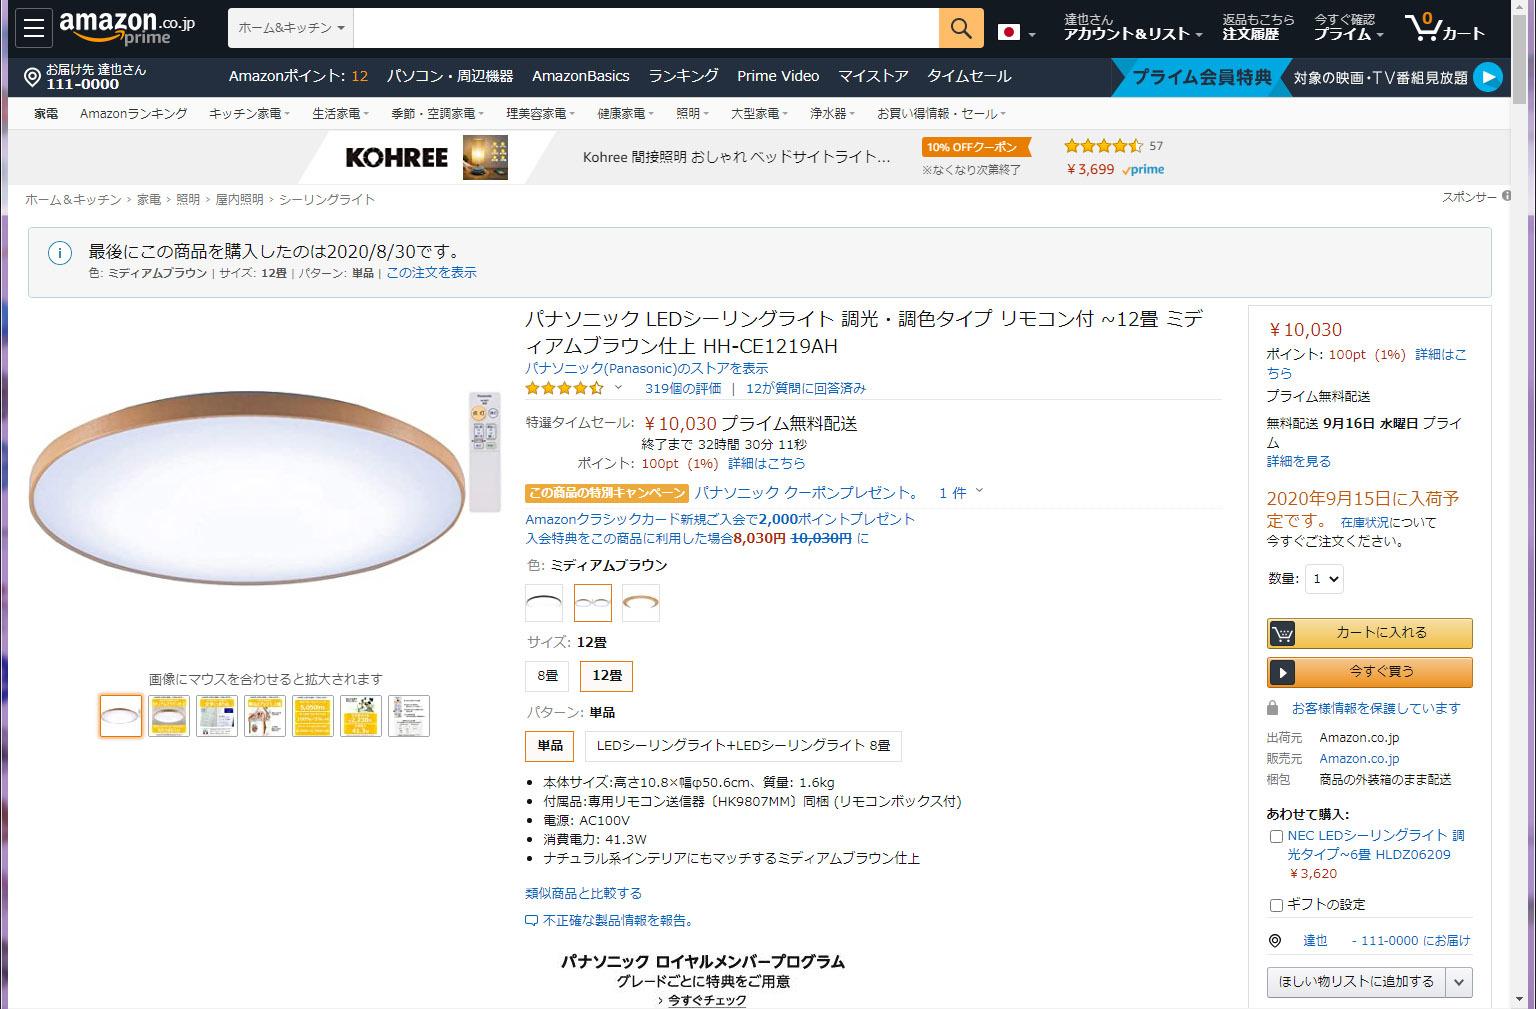 LED買い替え